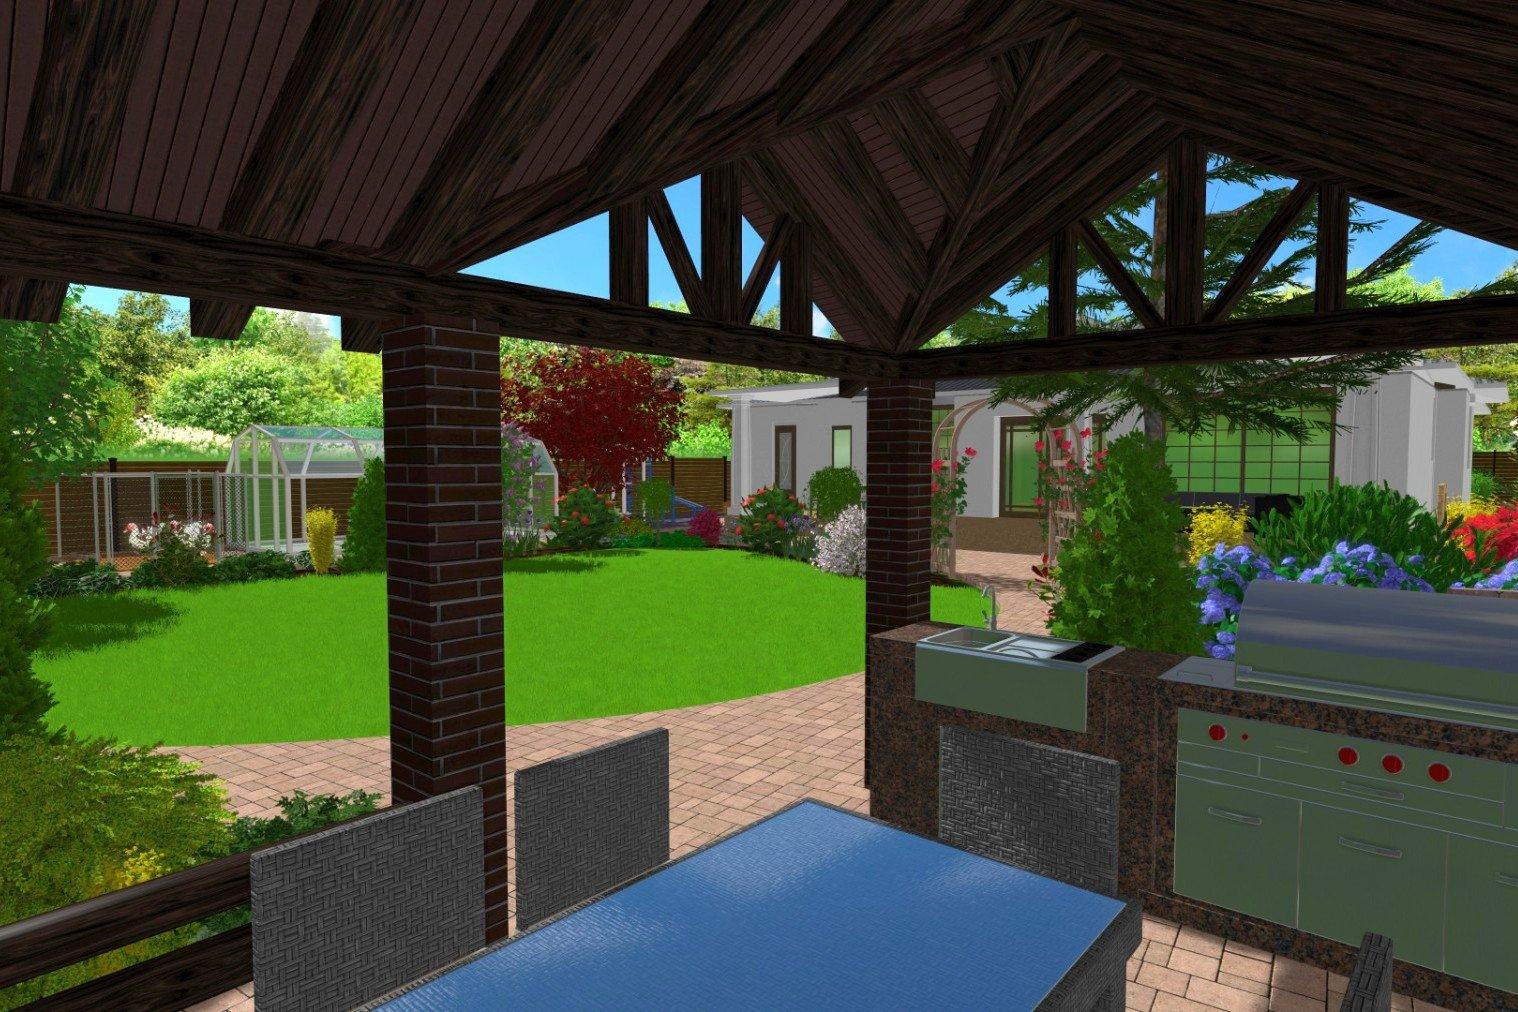 садовые дорожки, территория небольшого участка, сделать стандартный участок ярким и уютным